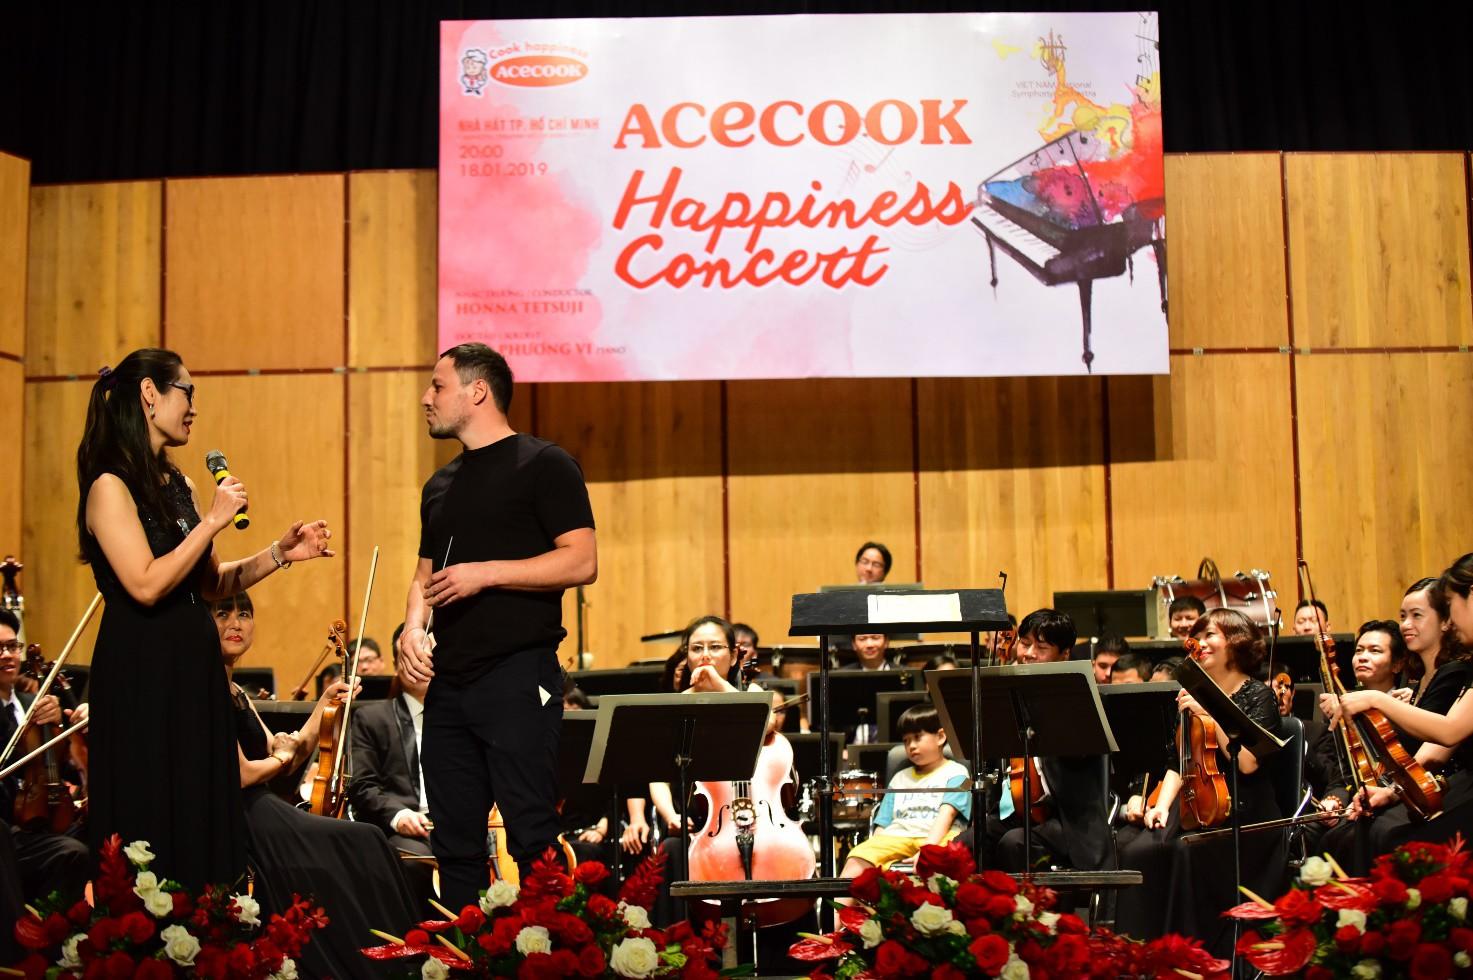 Acecook Việt Nam đem nhạc giao hưởng đến gần công chúng: đường dài lan toả hạnh phúc - Ảnh 4.